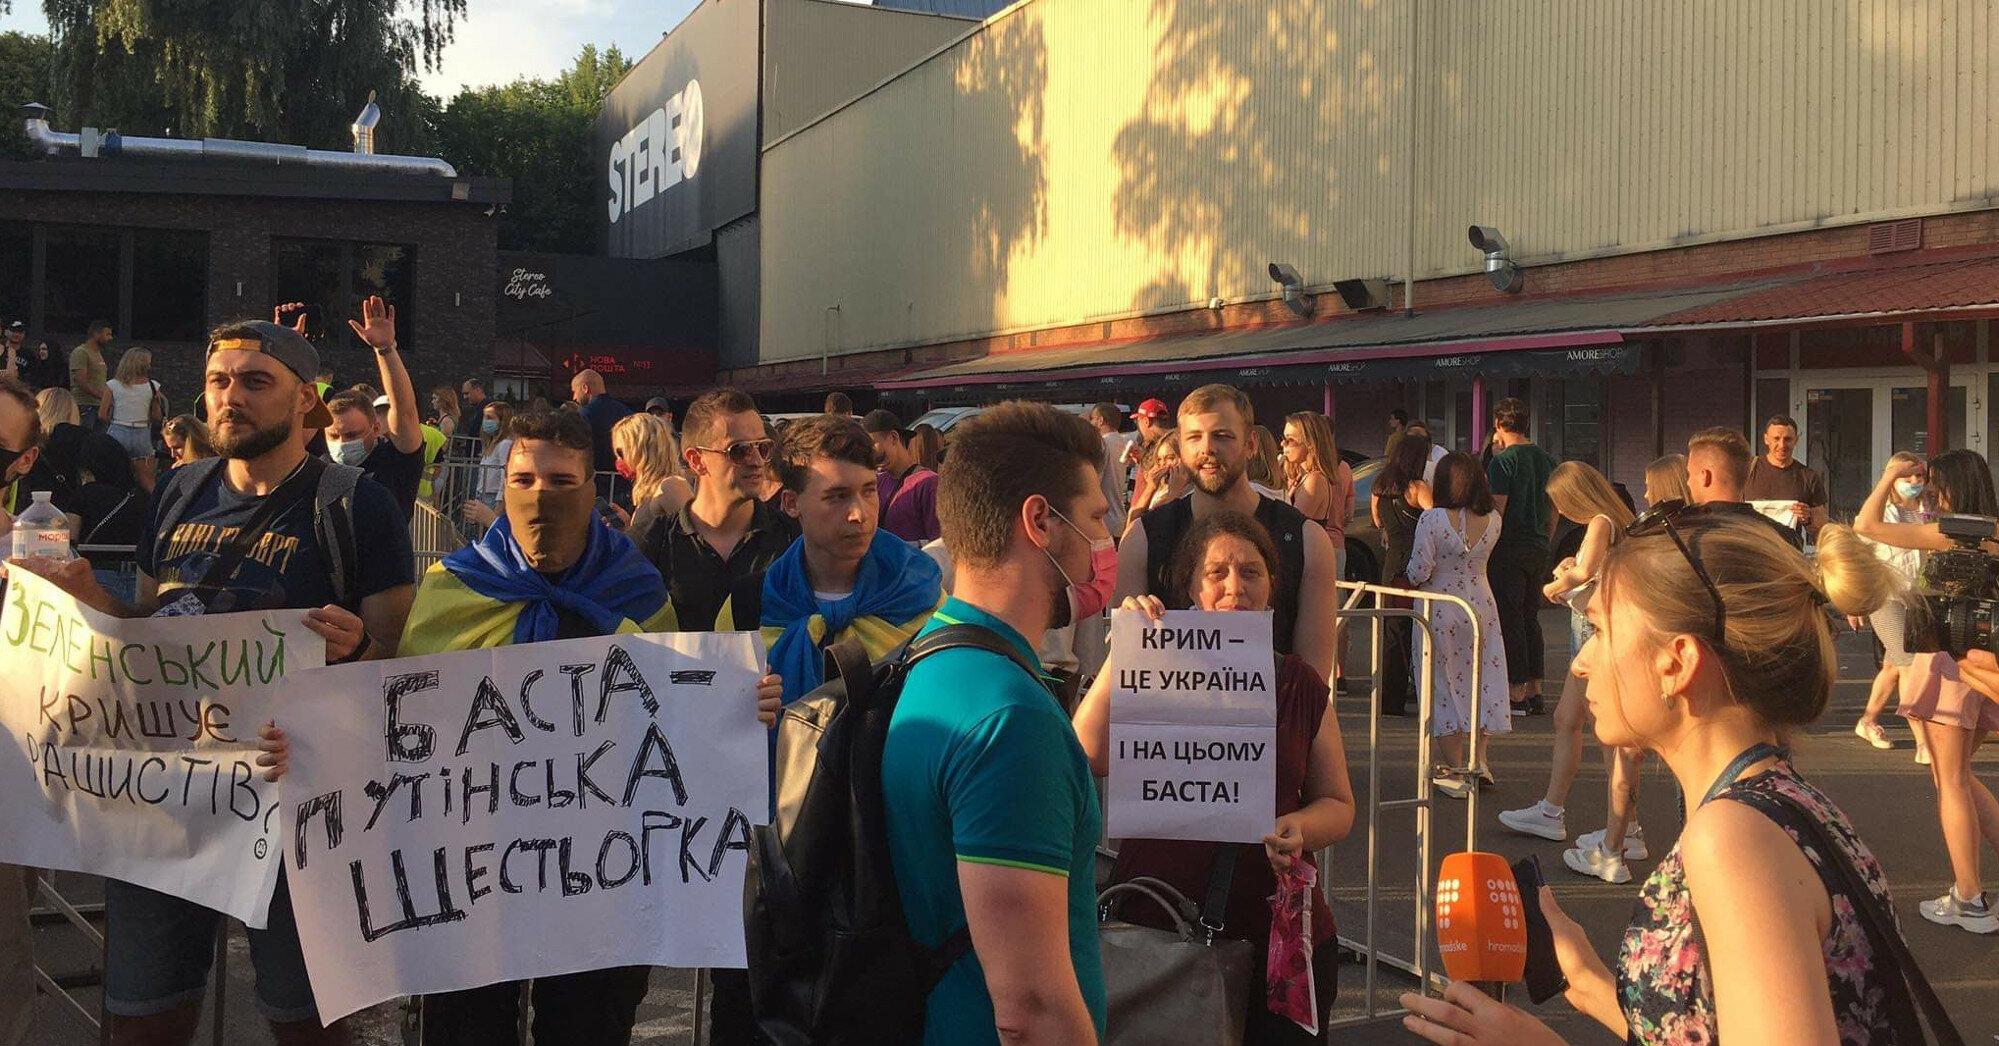 В Киеве пытаются сорвать концерт Басты